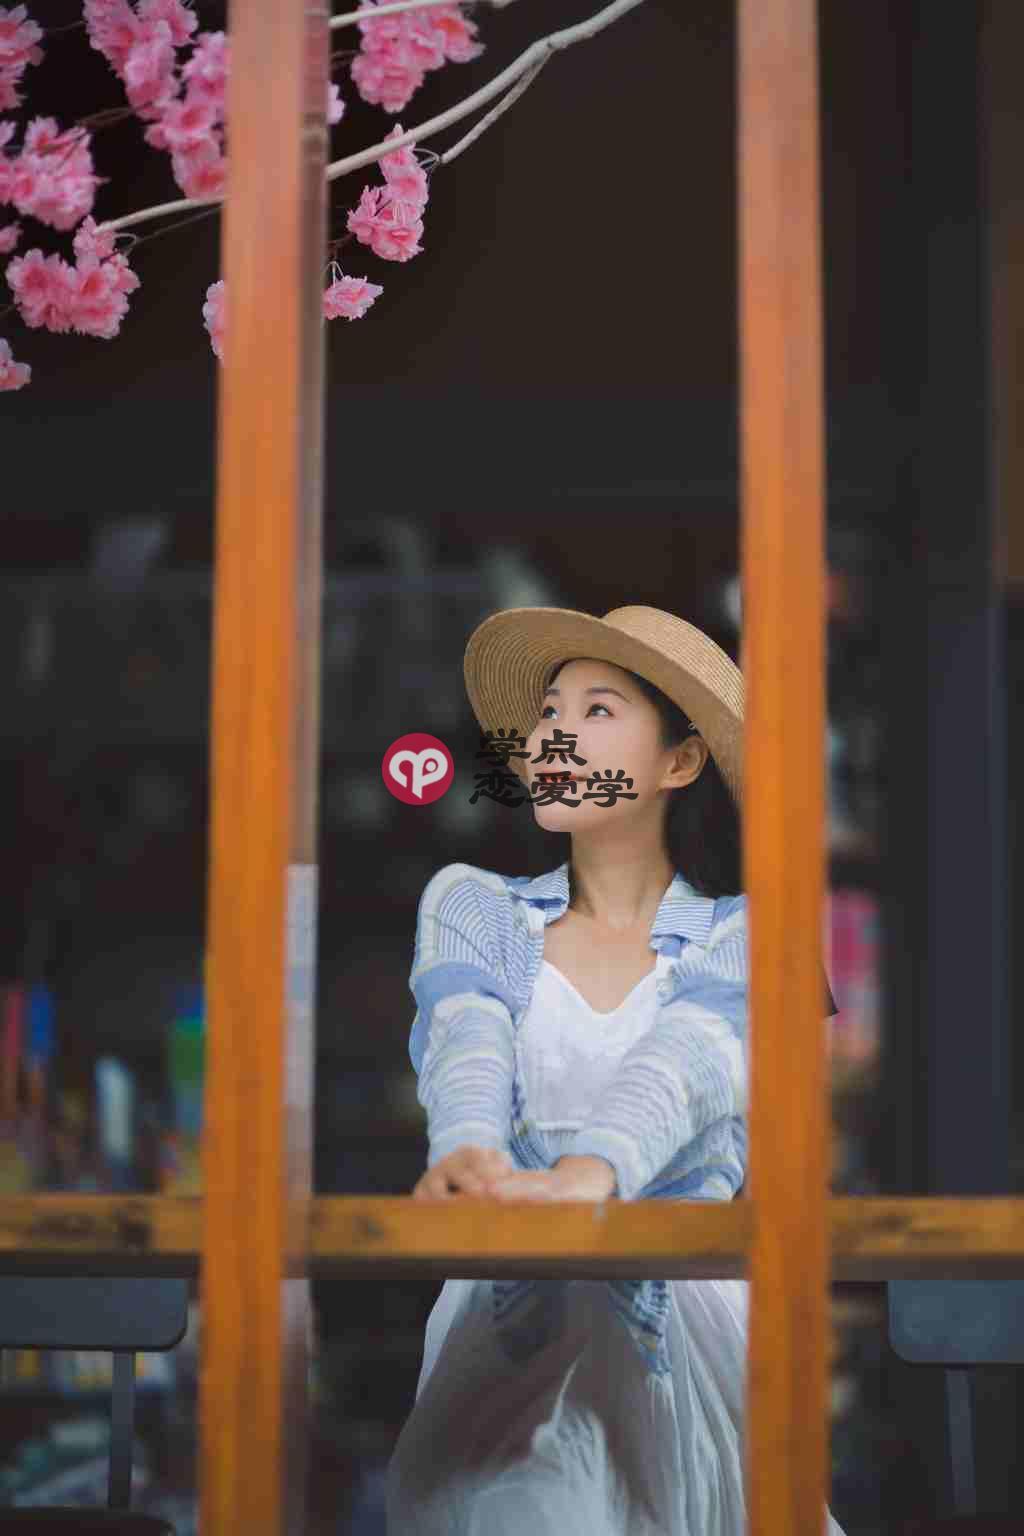 适合男女约会的地方,每一个都能让她脸红心跳第一张